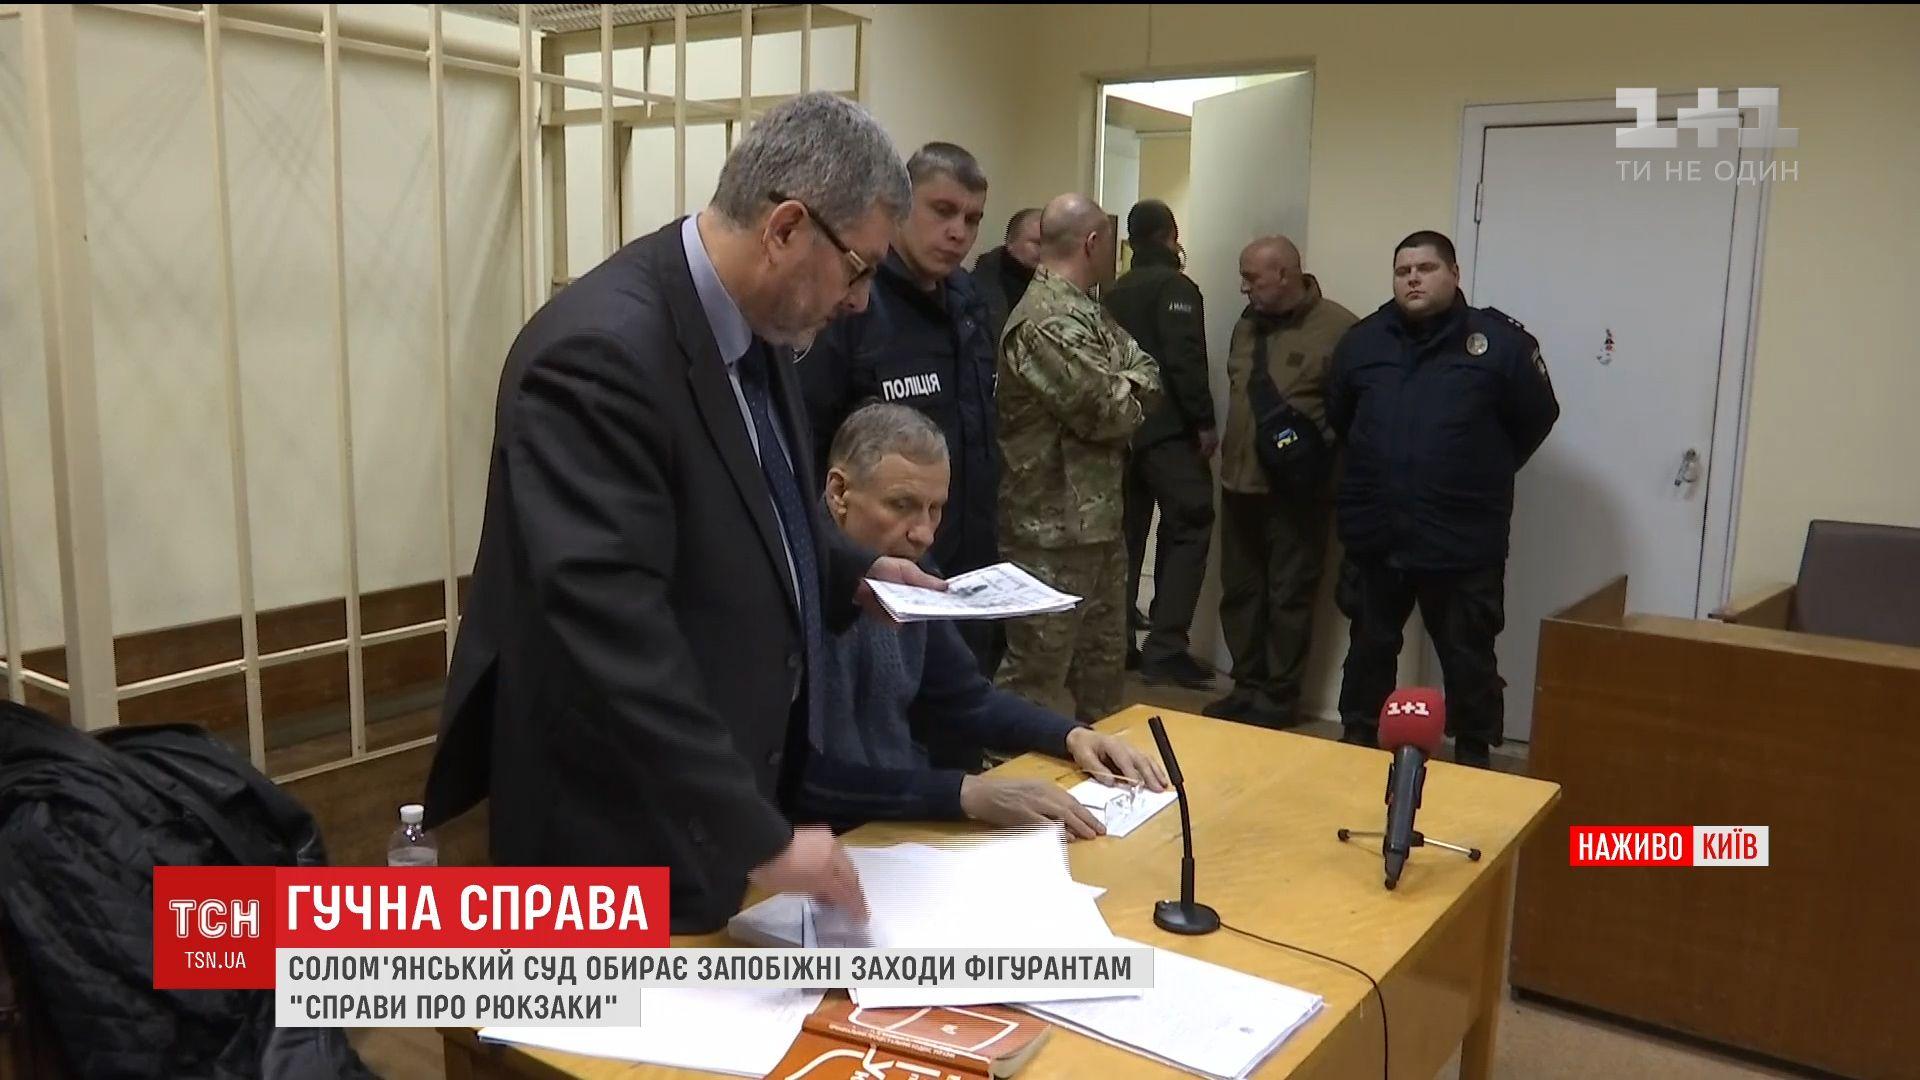 Суд відпустив на поруки Сергія Чеботаря / Кадр з відео ТСН